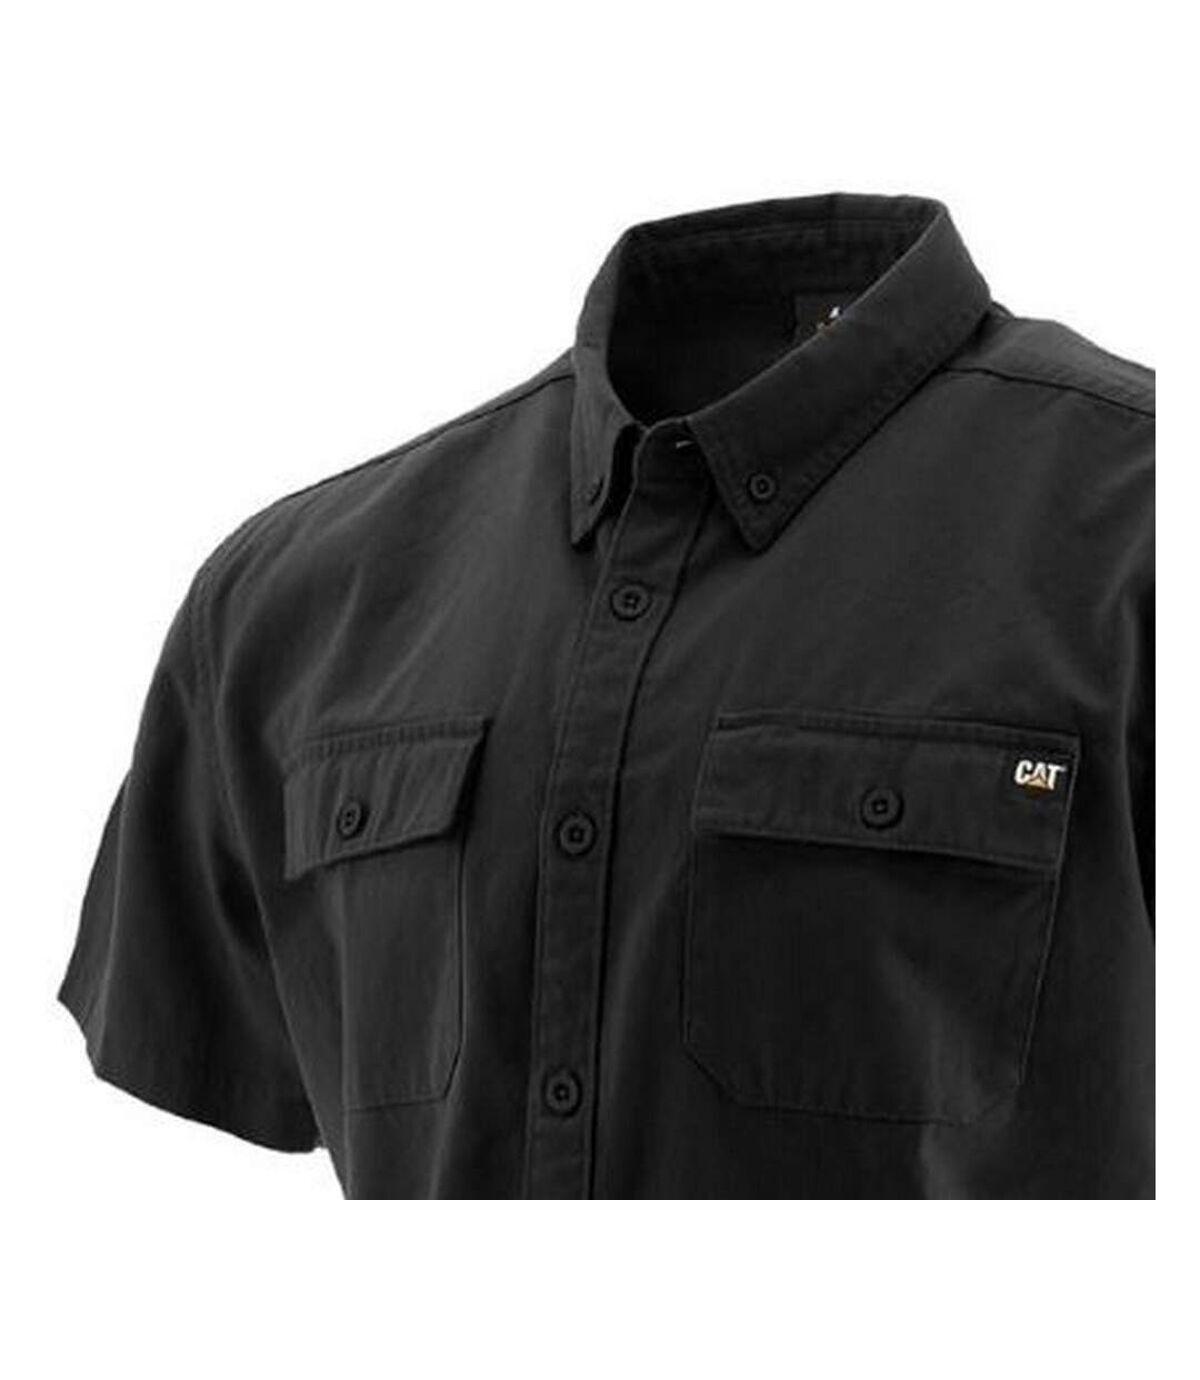 Caterpillar Mens Button Up Short Sleeve Work Shirt (Black) - UTFS6669